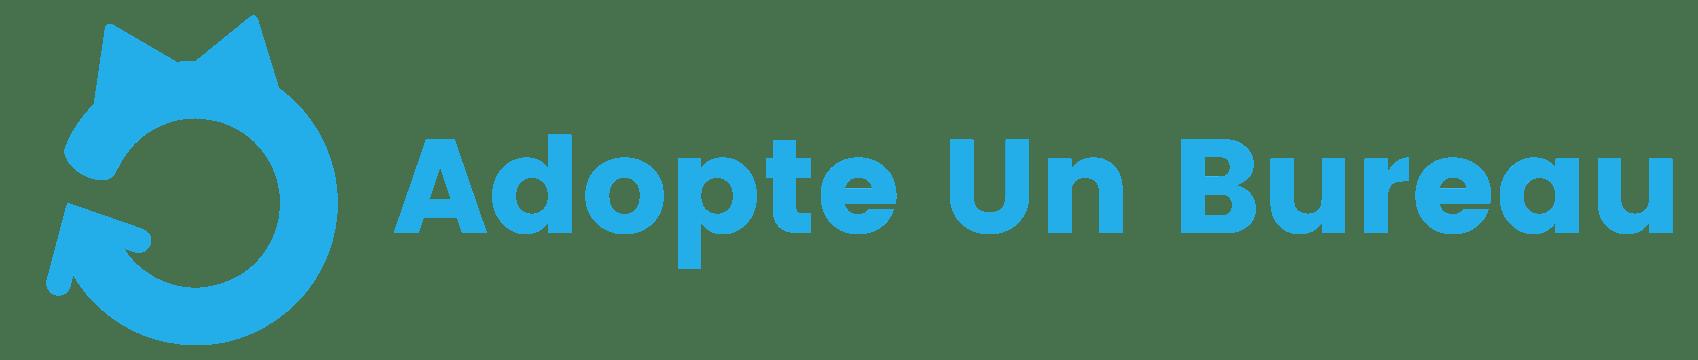 Mobilier de bureau de qualité pour entreprises et particuliers – Adopte Un Bureau